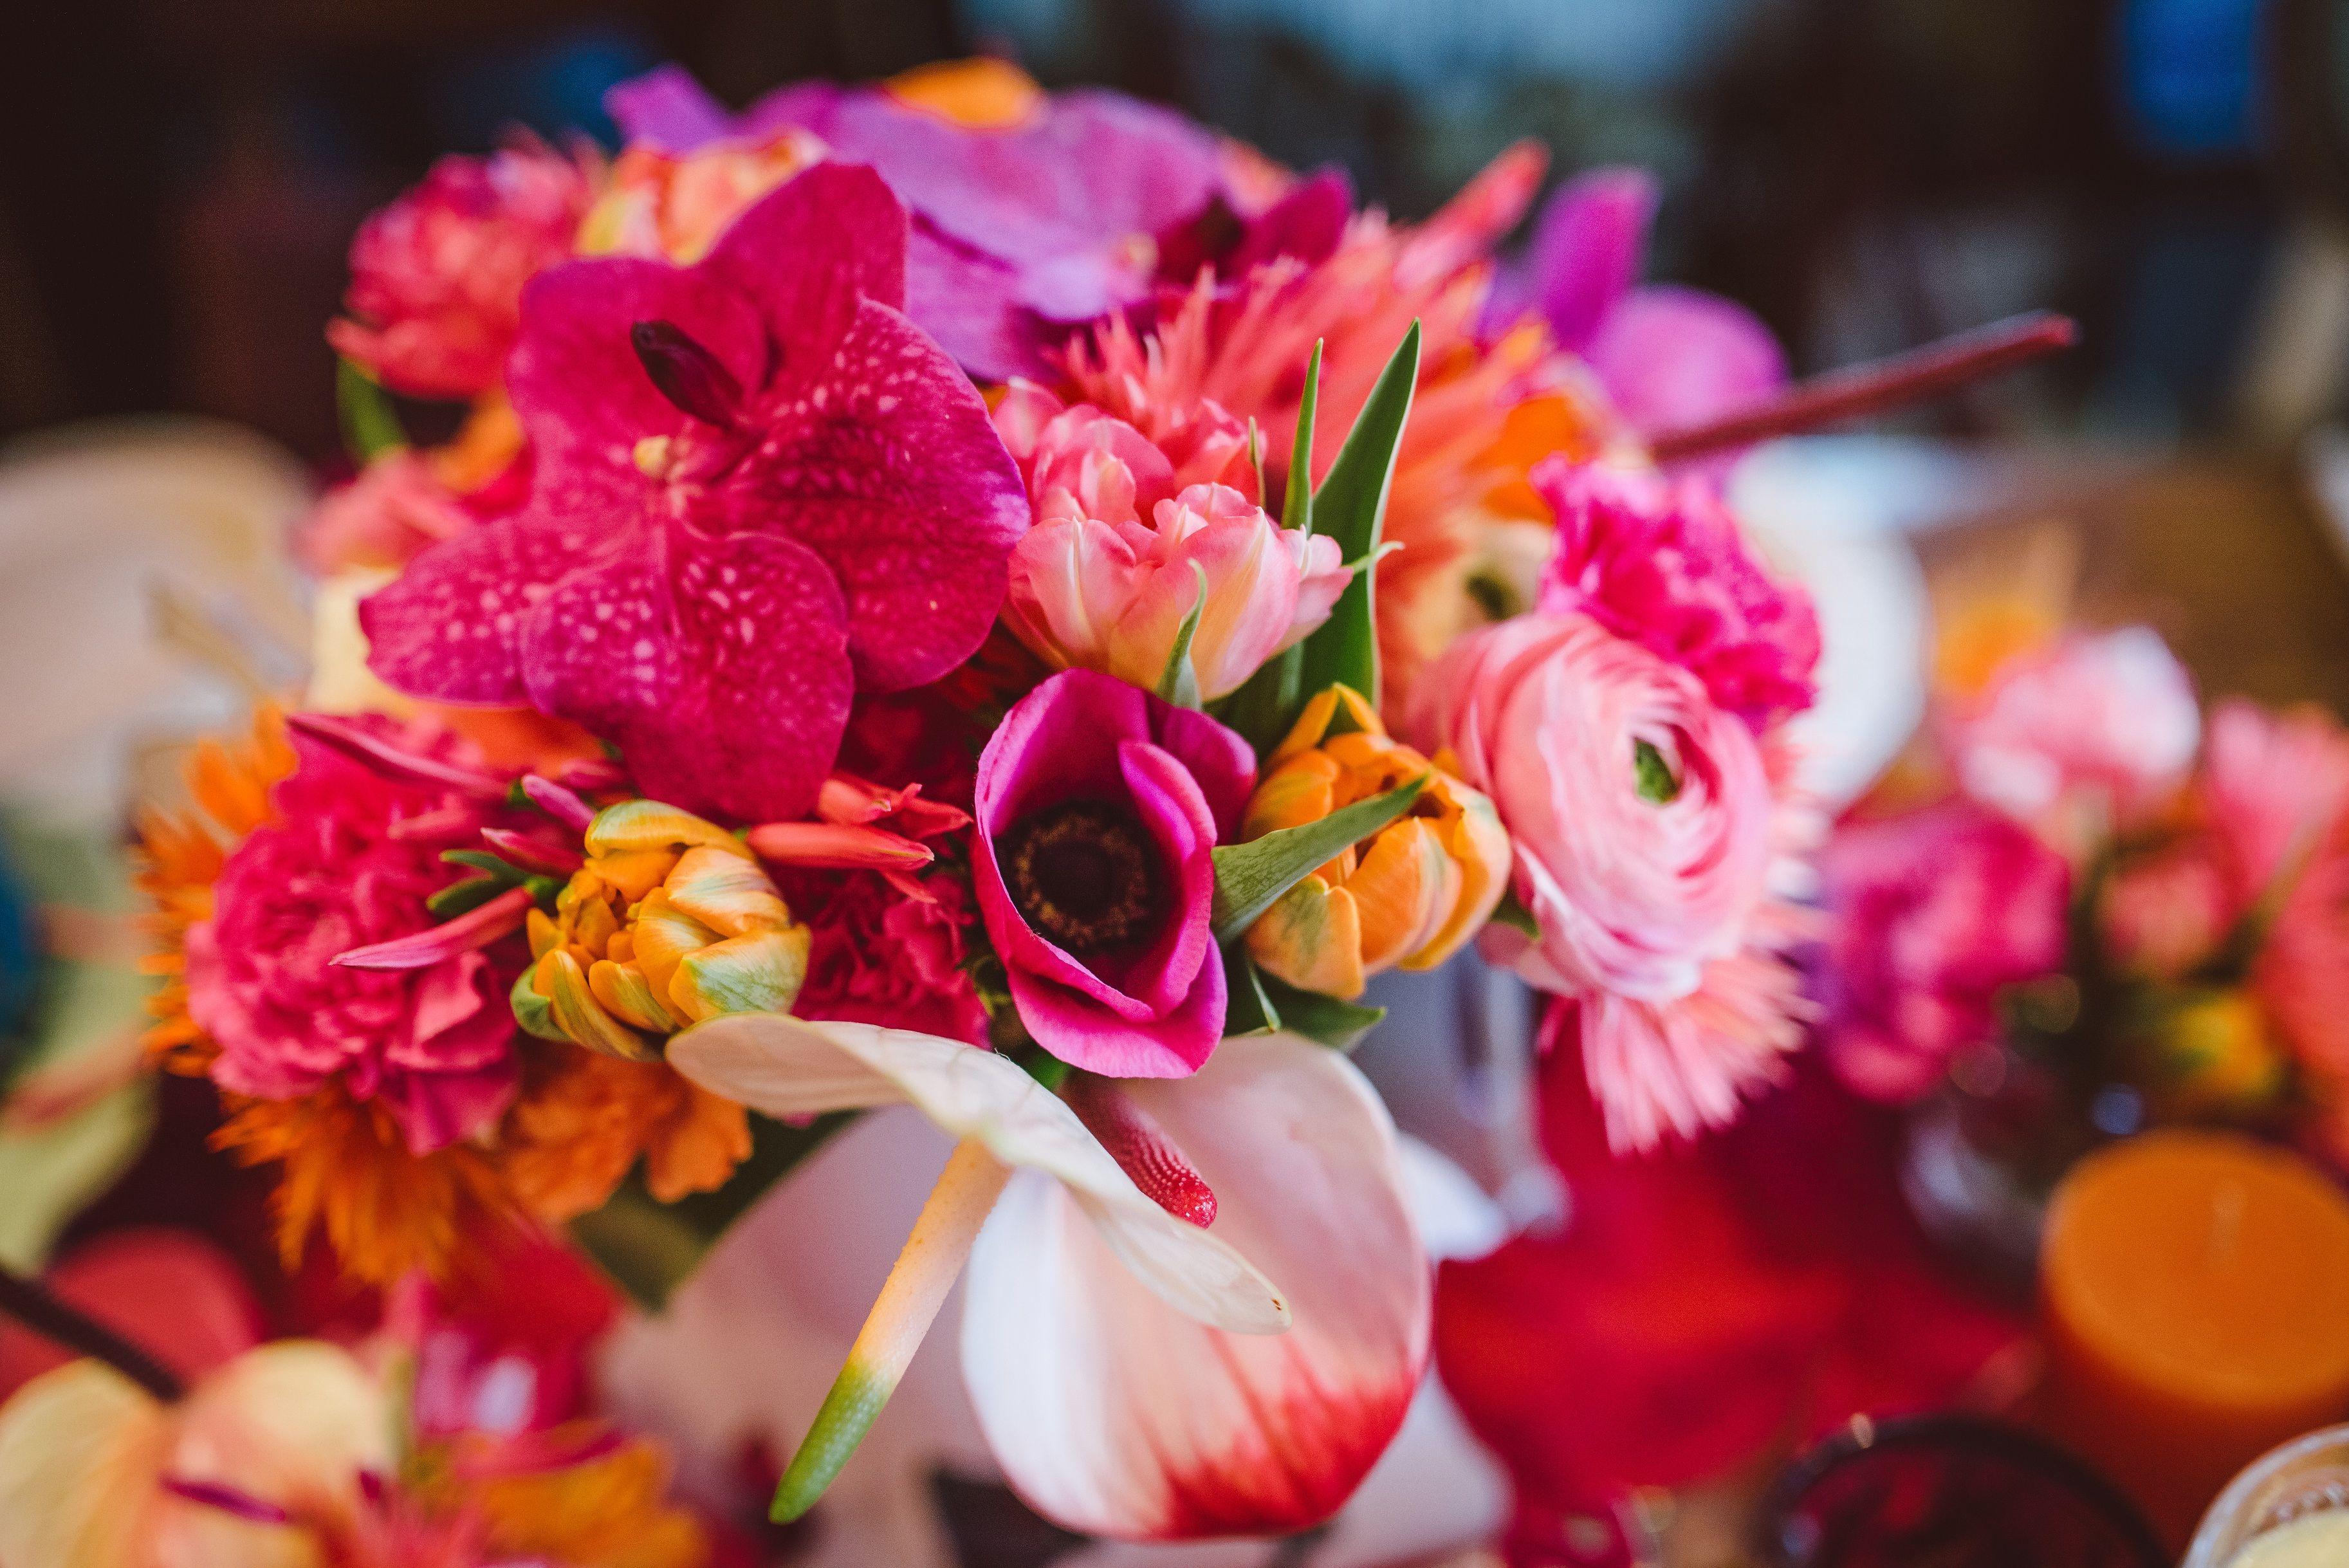 babyshower bollywood Blumendekoration in rosa gelb und orange